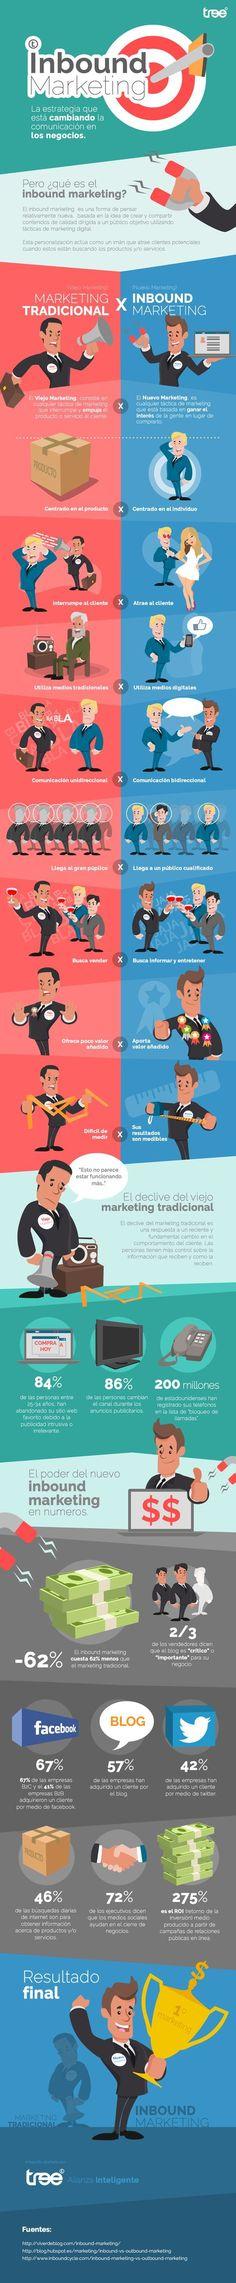 Inbound Marketing: qué es y diferencias con el marketing tradicional. Infografía en español. #CommunityManager